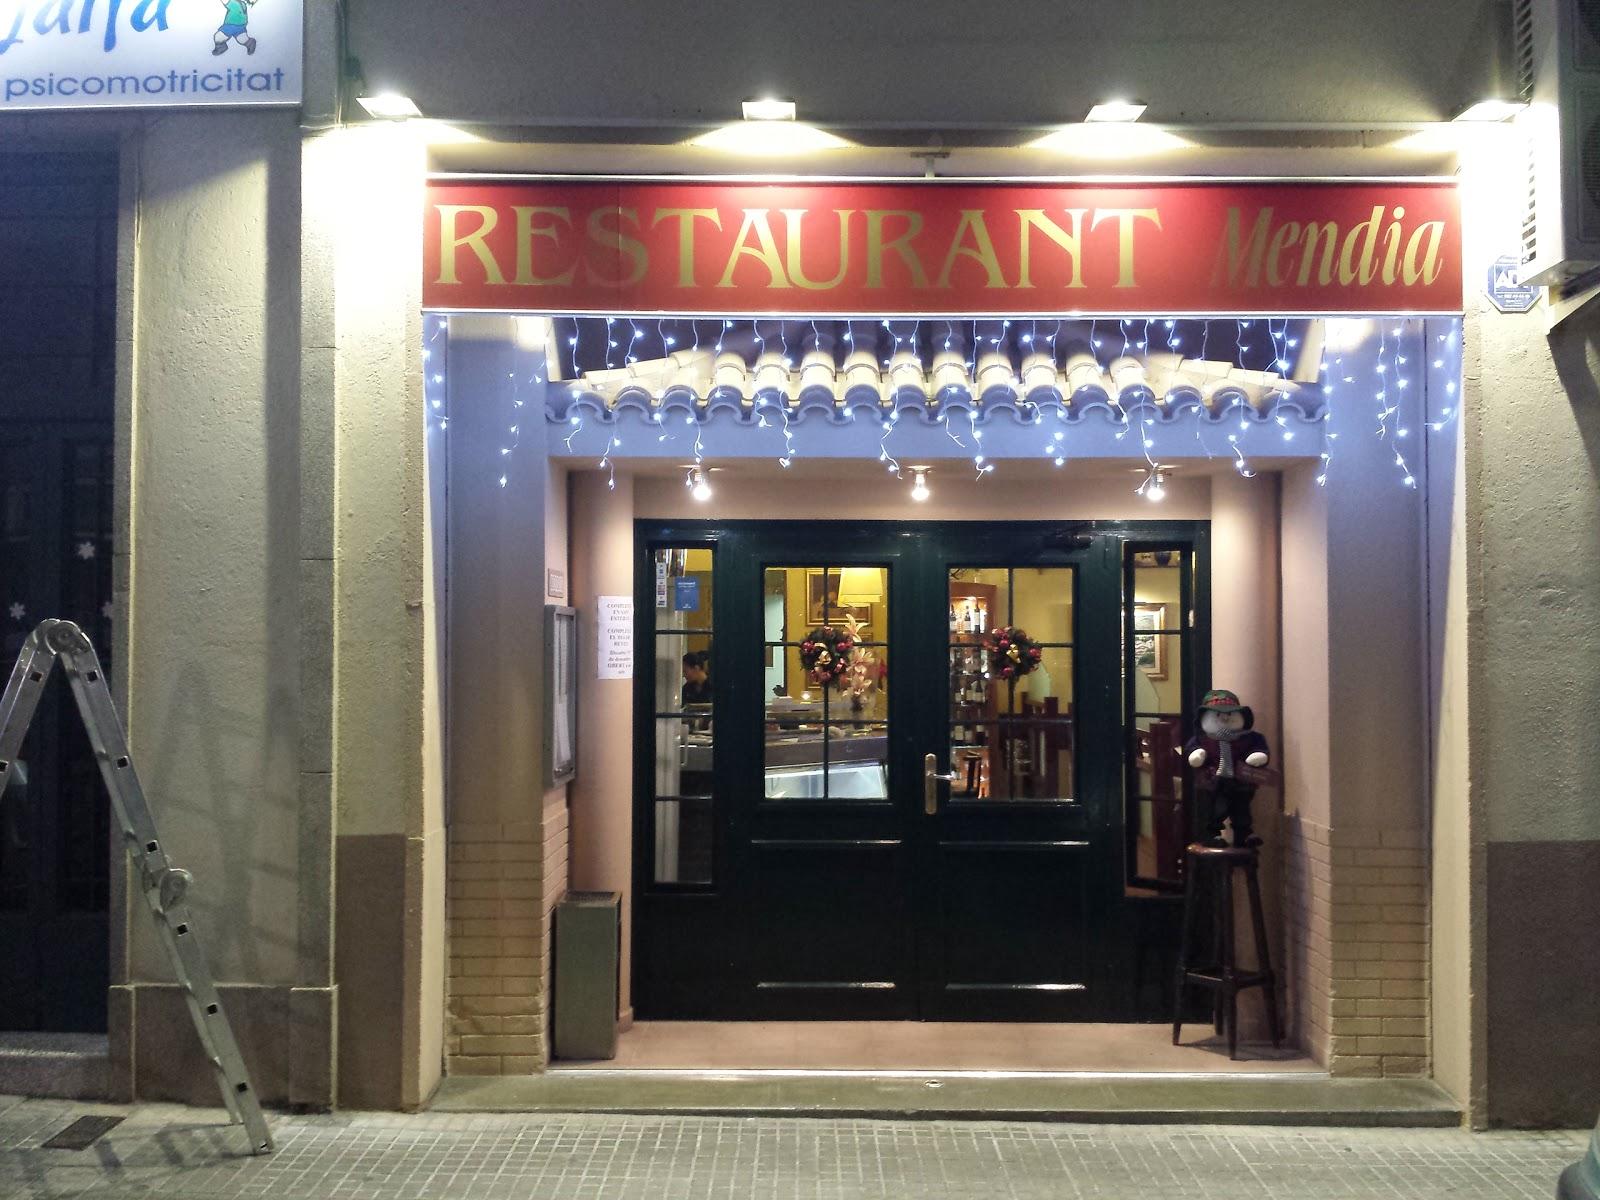 Restaurant Mendia